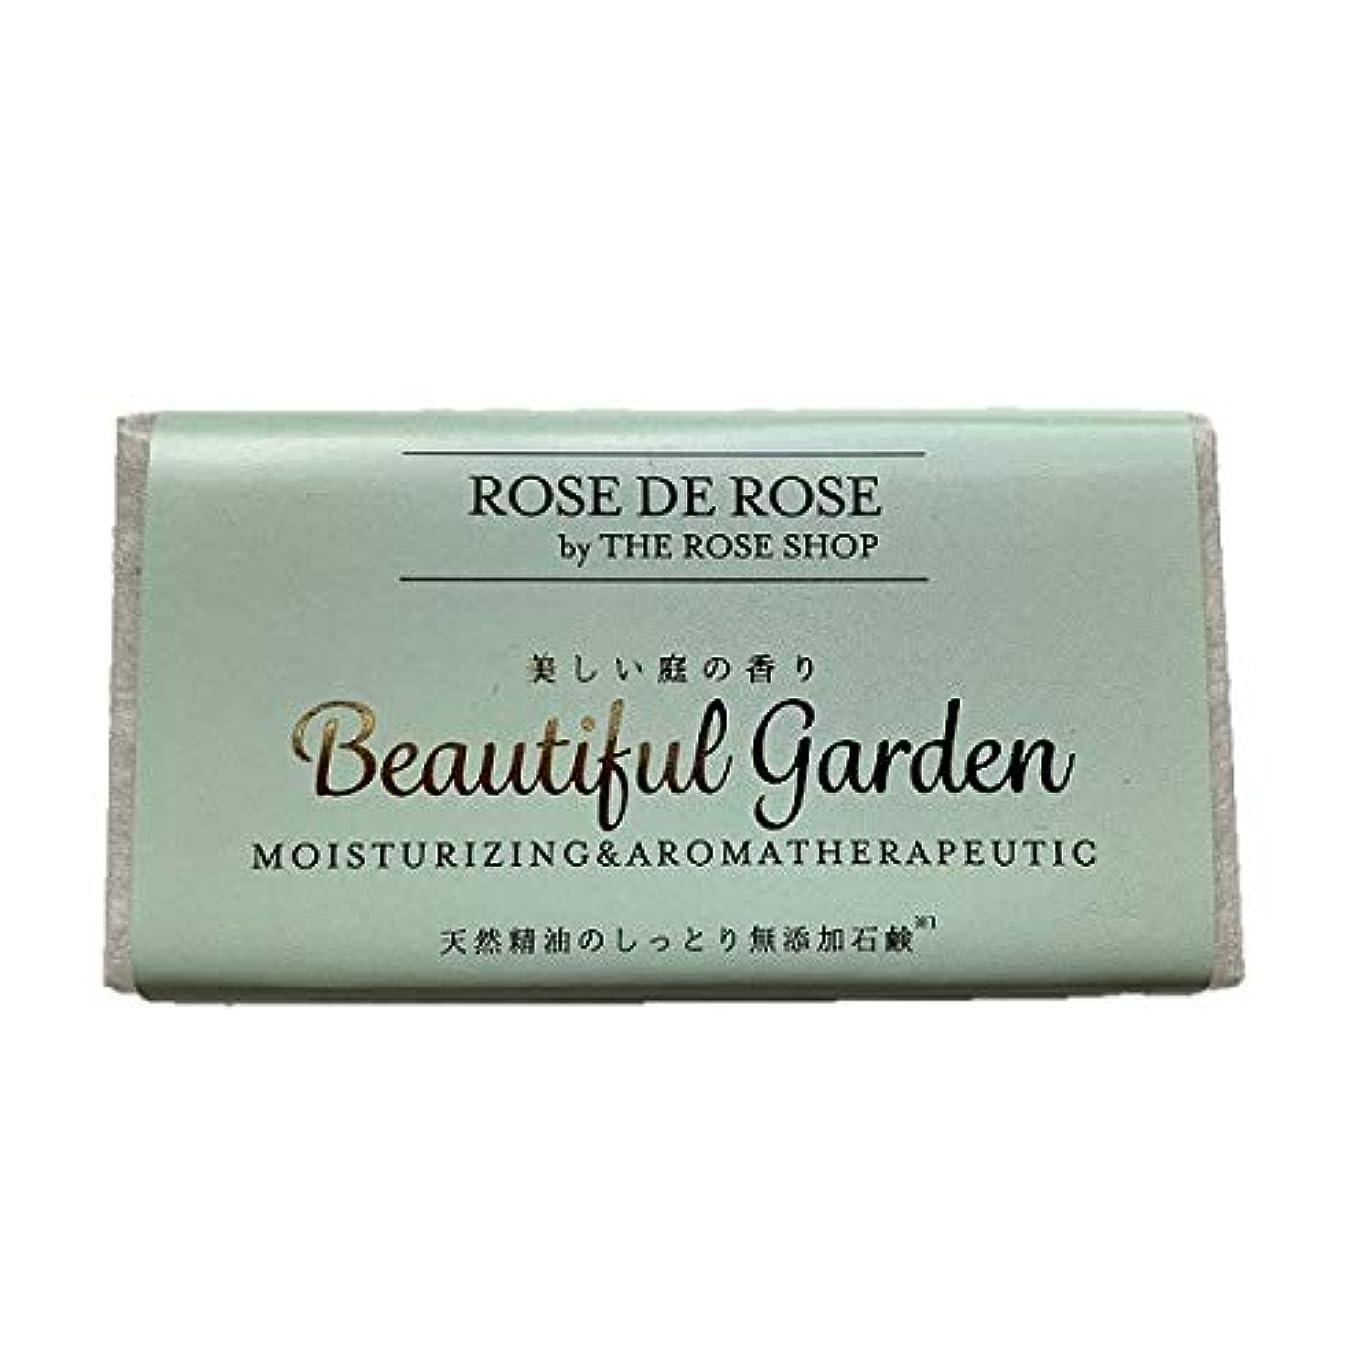 記述する人形陪審天然精油の無添加石鹸 「美しい庭の香り ビューティフルガーデン」3個セット